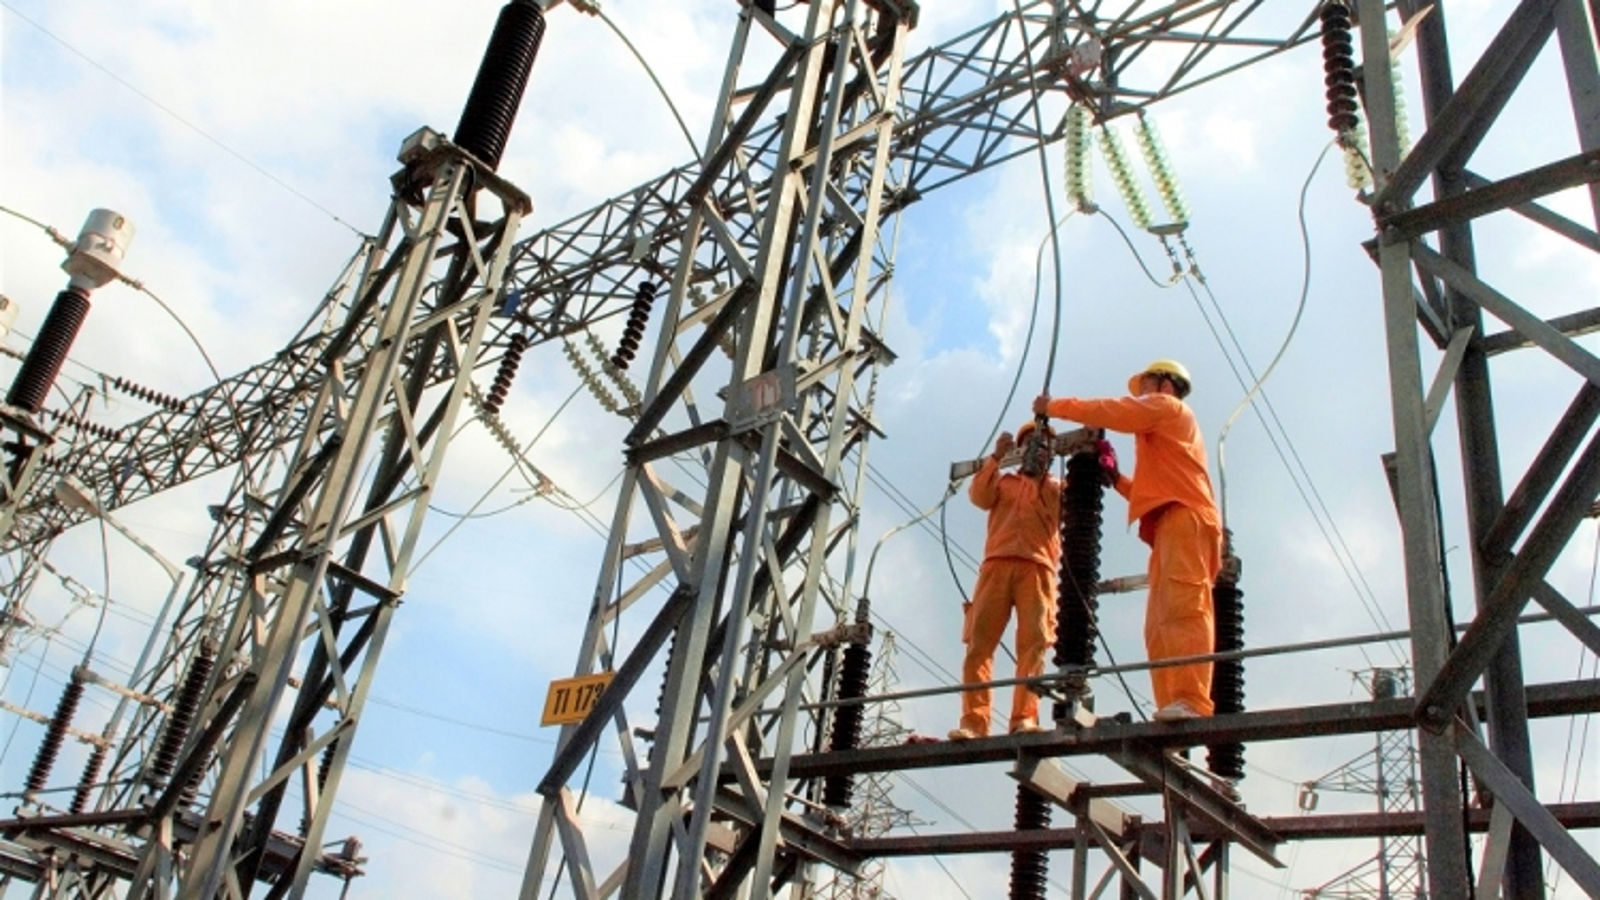 Nhiều DN phía Nam tạm ngưng hoạt động, sản lượng tiêu thụ điện giảm mạnh